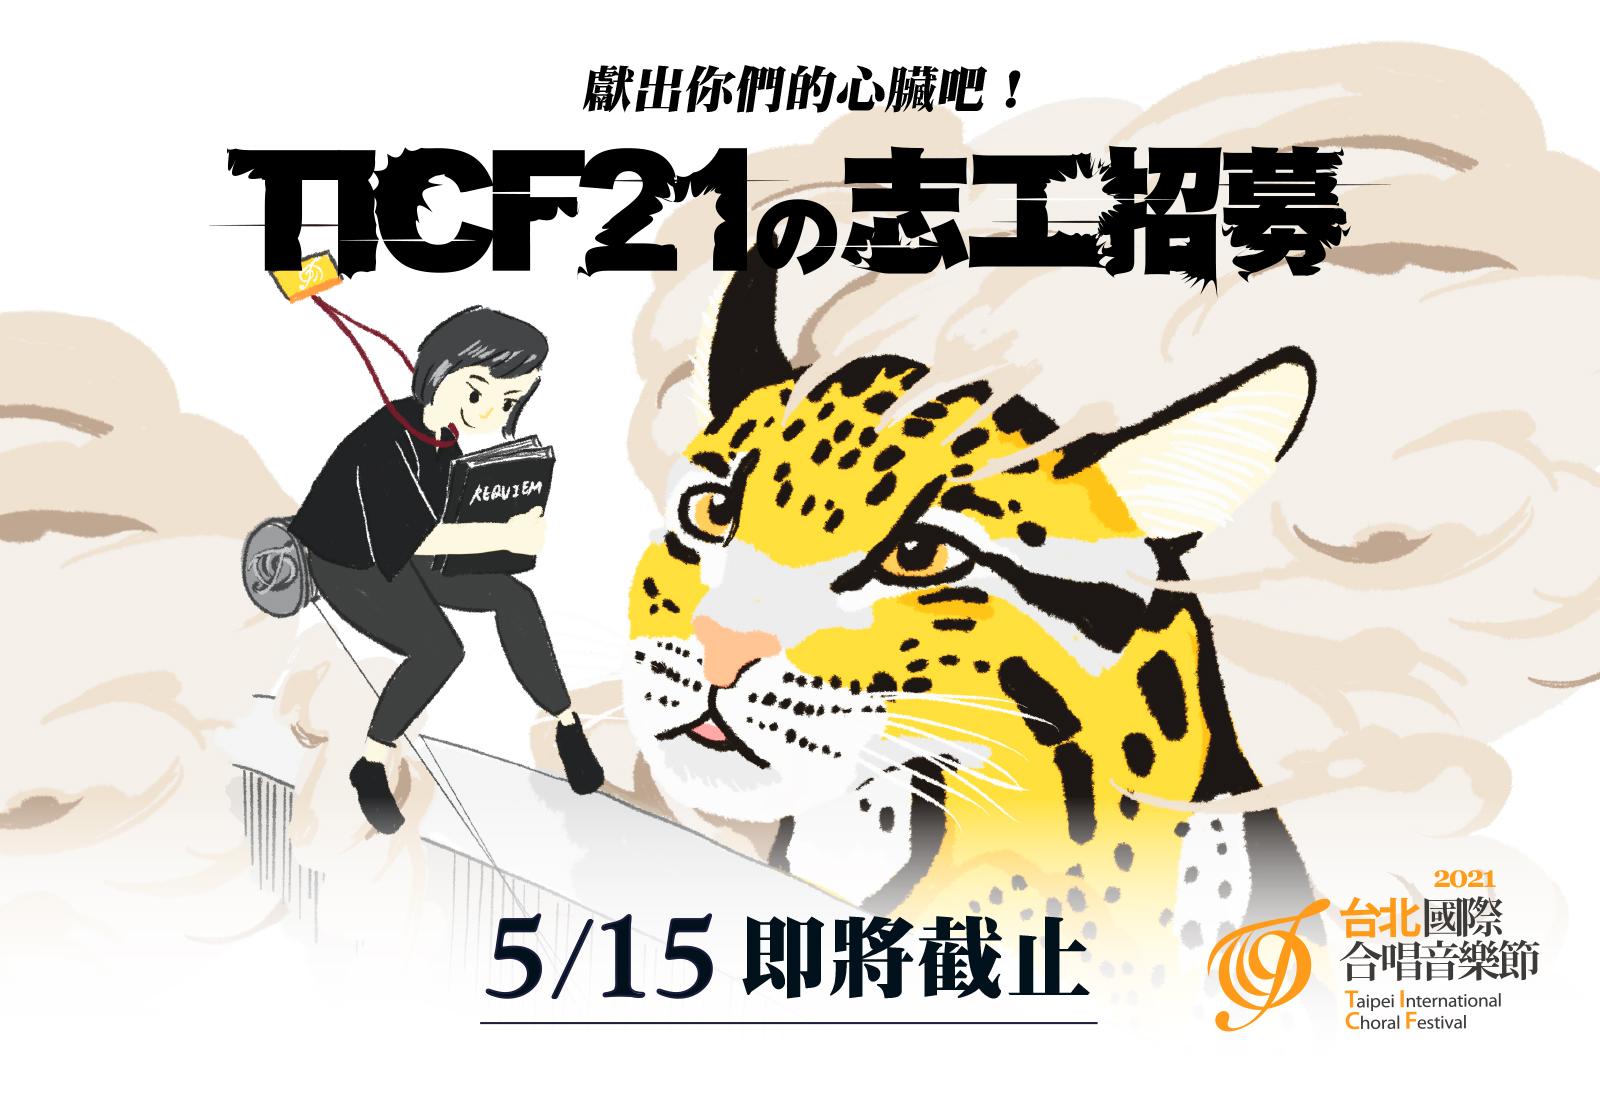 【獻出你們的心臟吧!-TICF21台北國際合唱音樂節 志工招募】